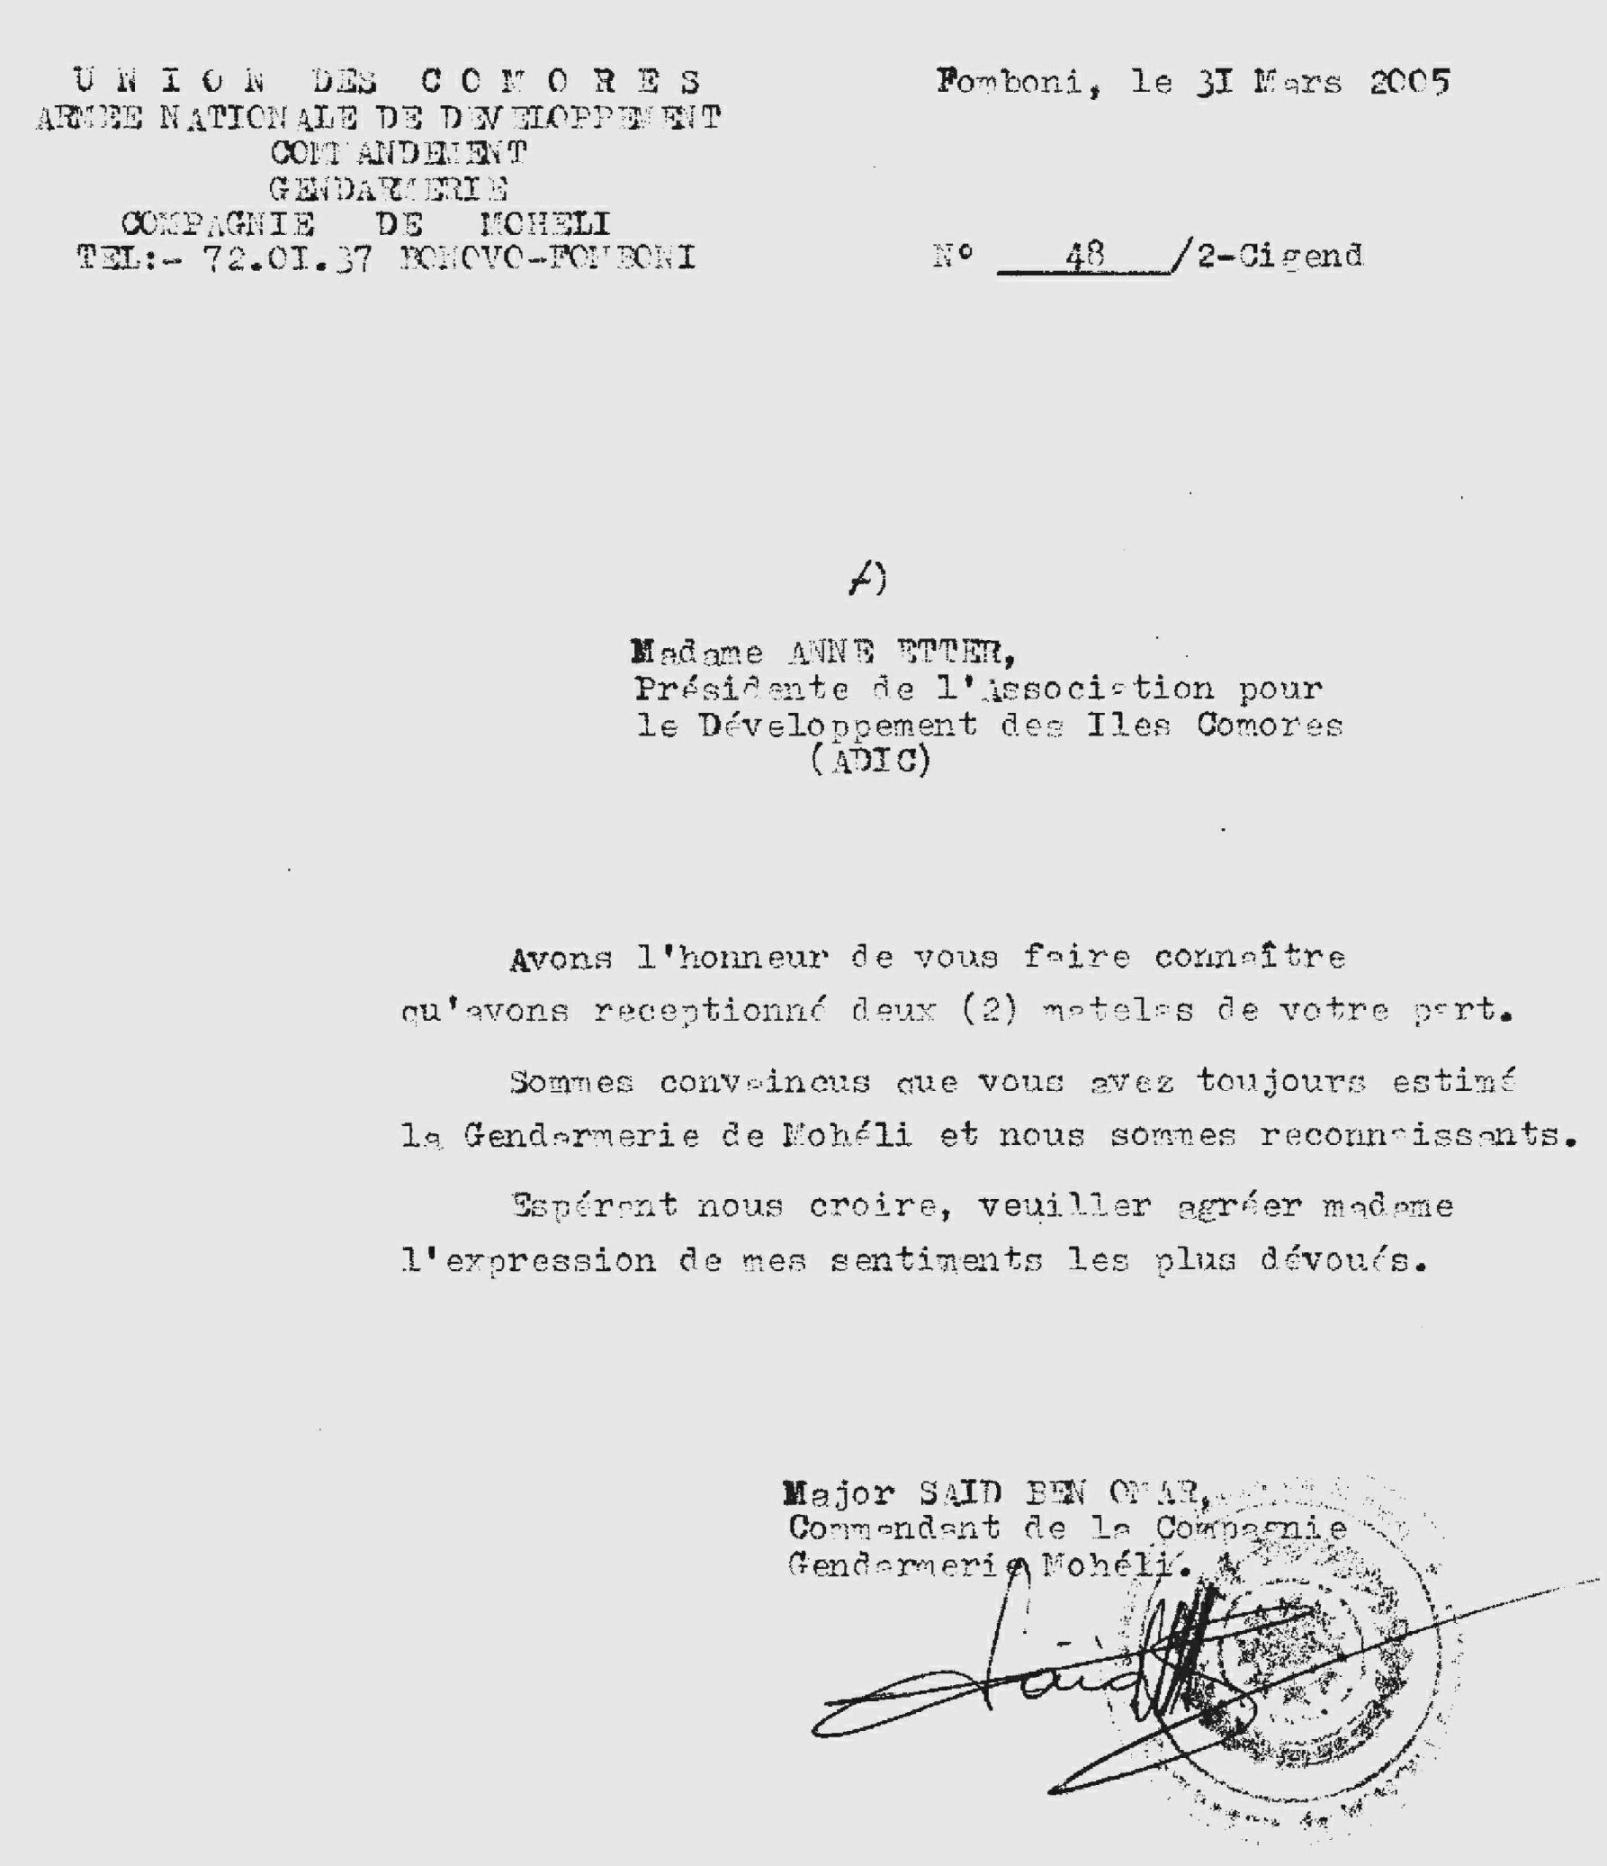 Gendarmerie Mohéli Historique des actions